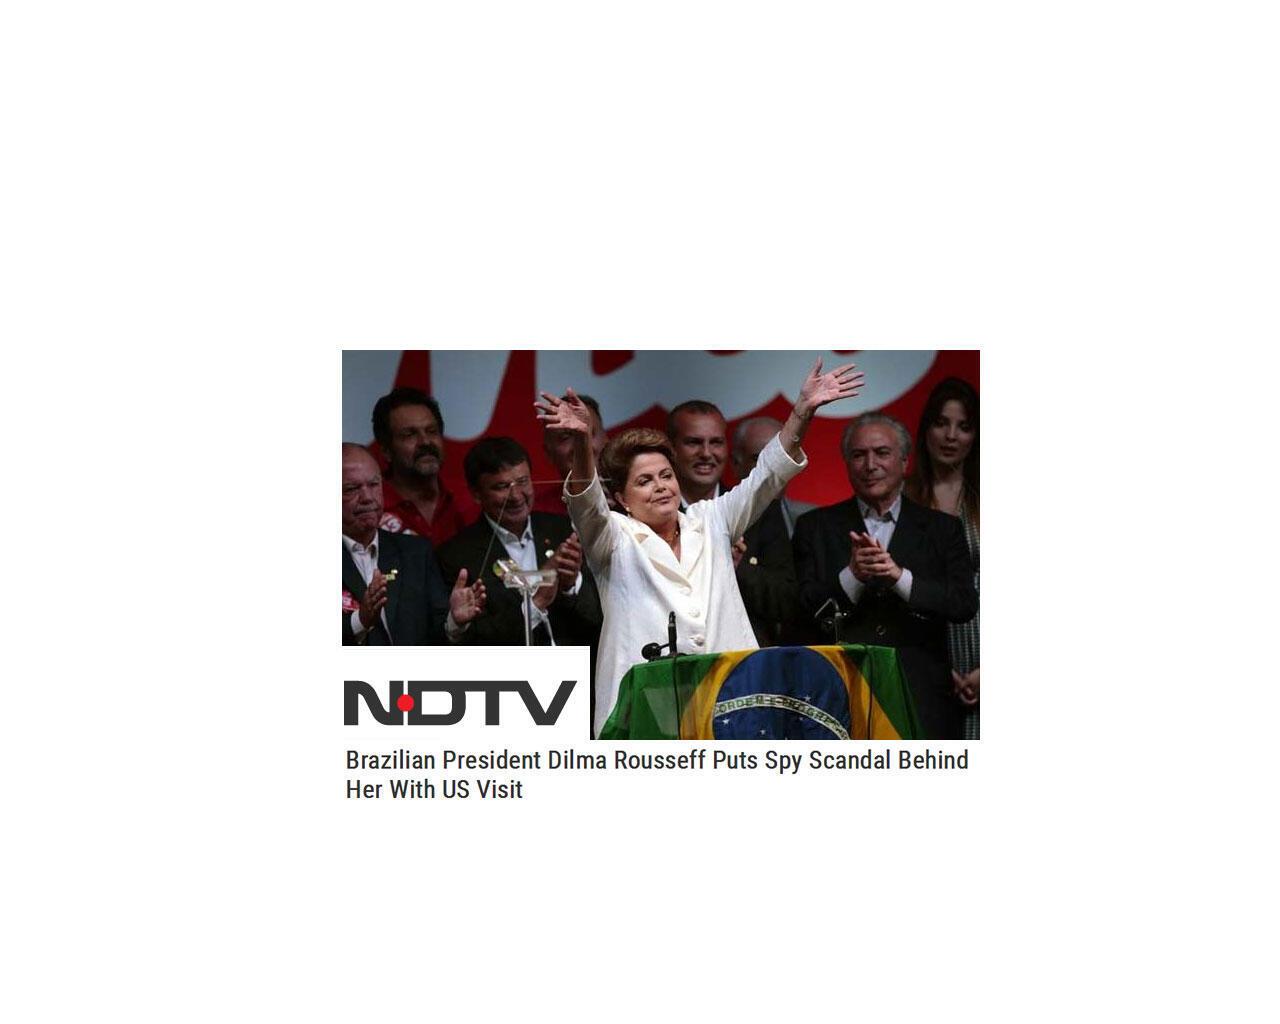 Artigo do site do canal NDTV sobre visita da presidente Dilma Rousseff aos Estados Unidos.